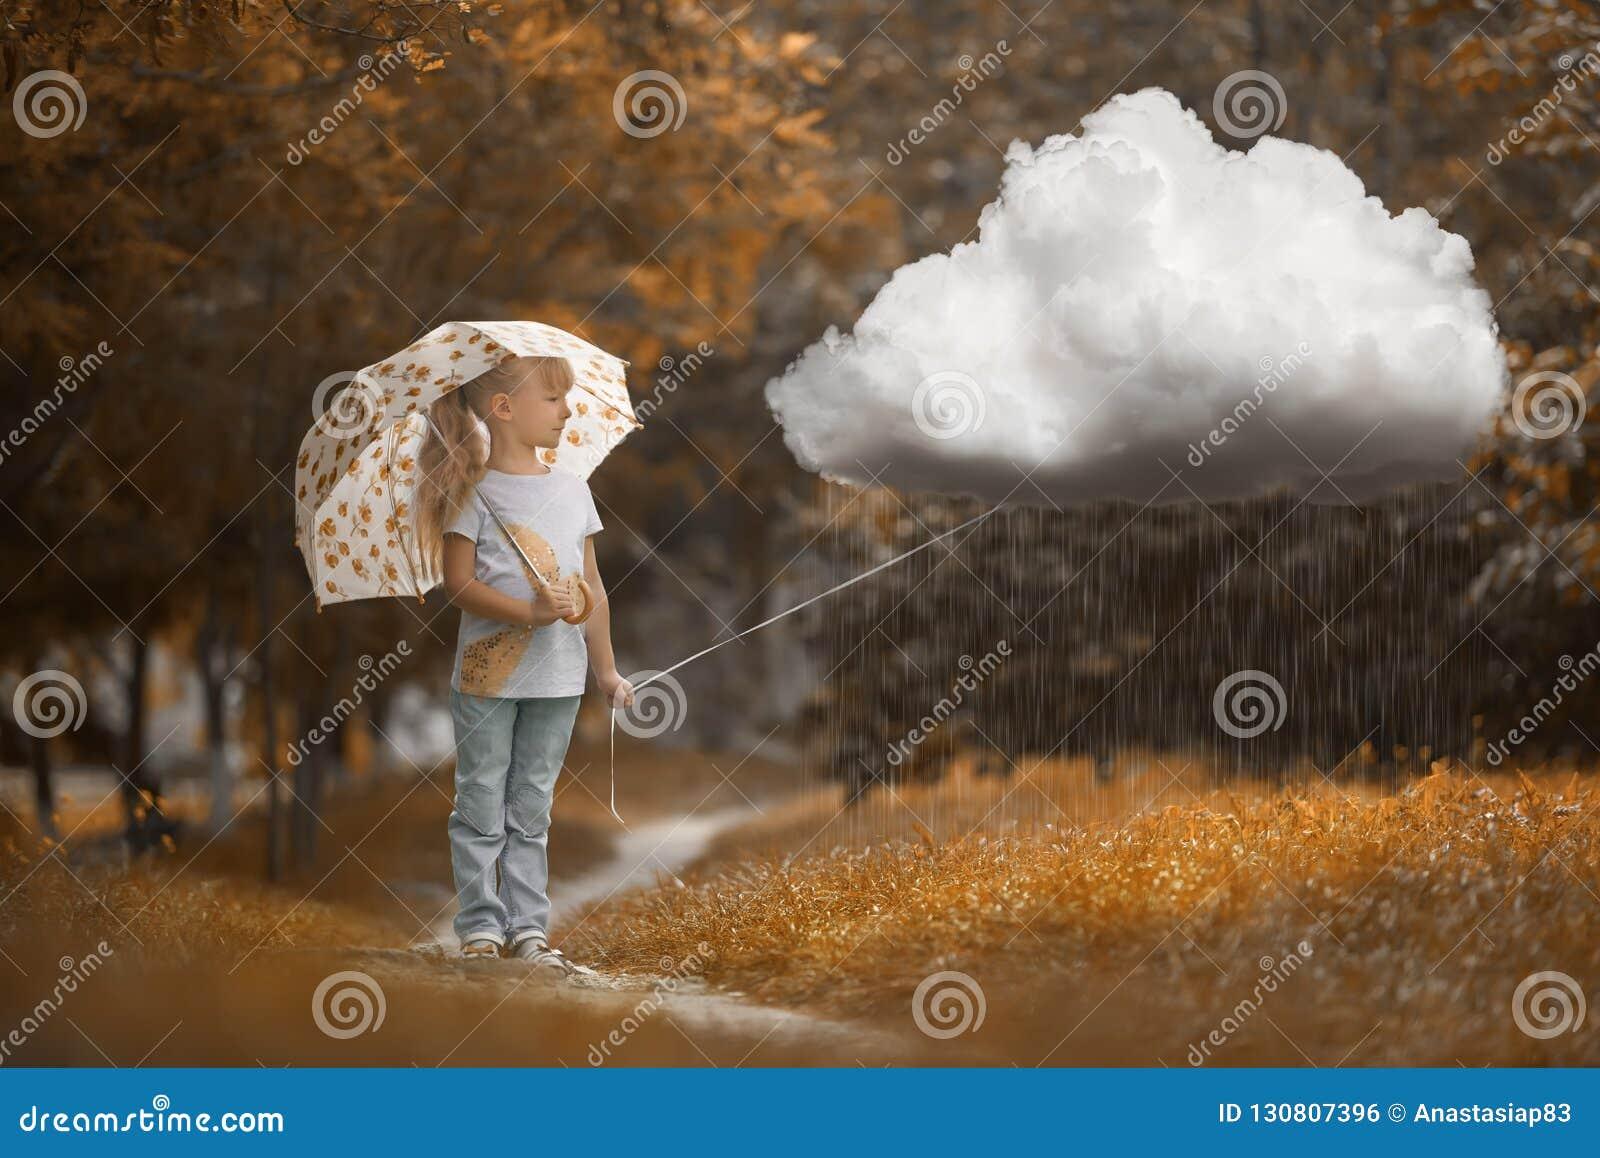 Ένα κορίτσι που περπατά το βροχερό σύννεφο στο χρόνο φθινοπώρου στο πορτοκαλί υπόβαθρο